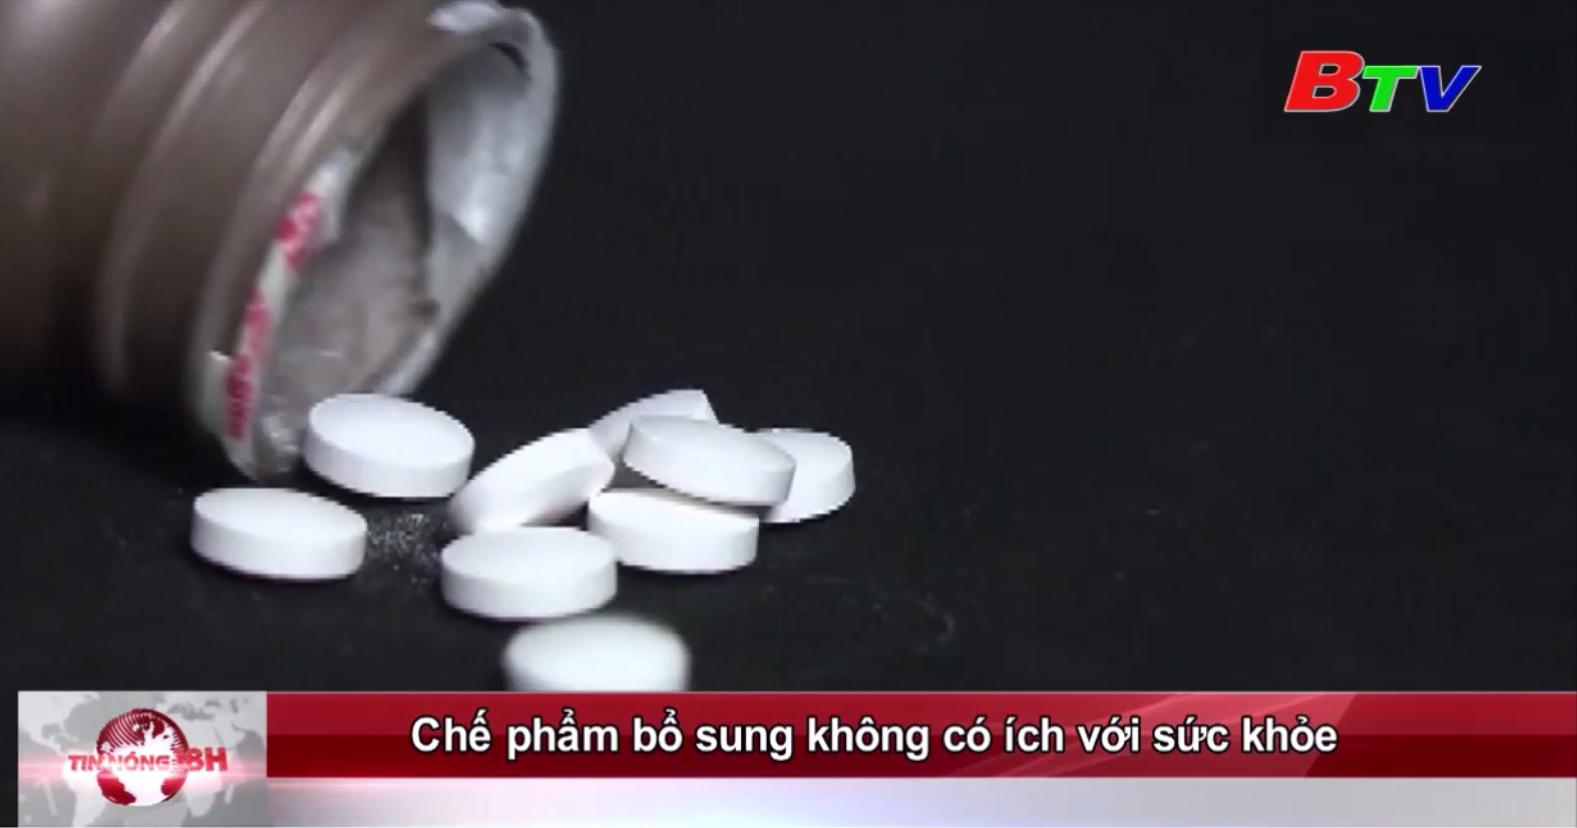 Chế phẩm bổ sung không có ích với sức khỏe